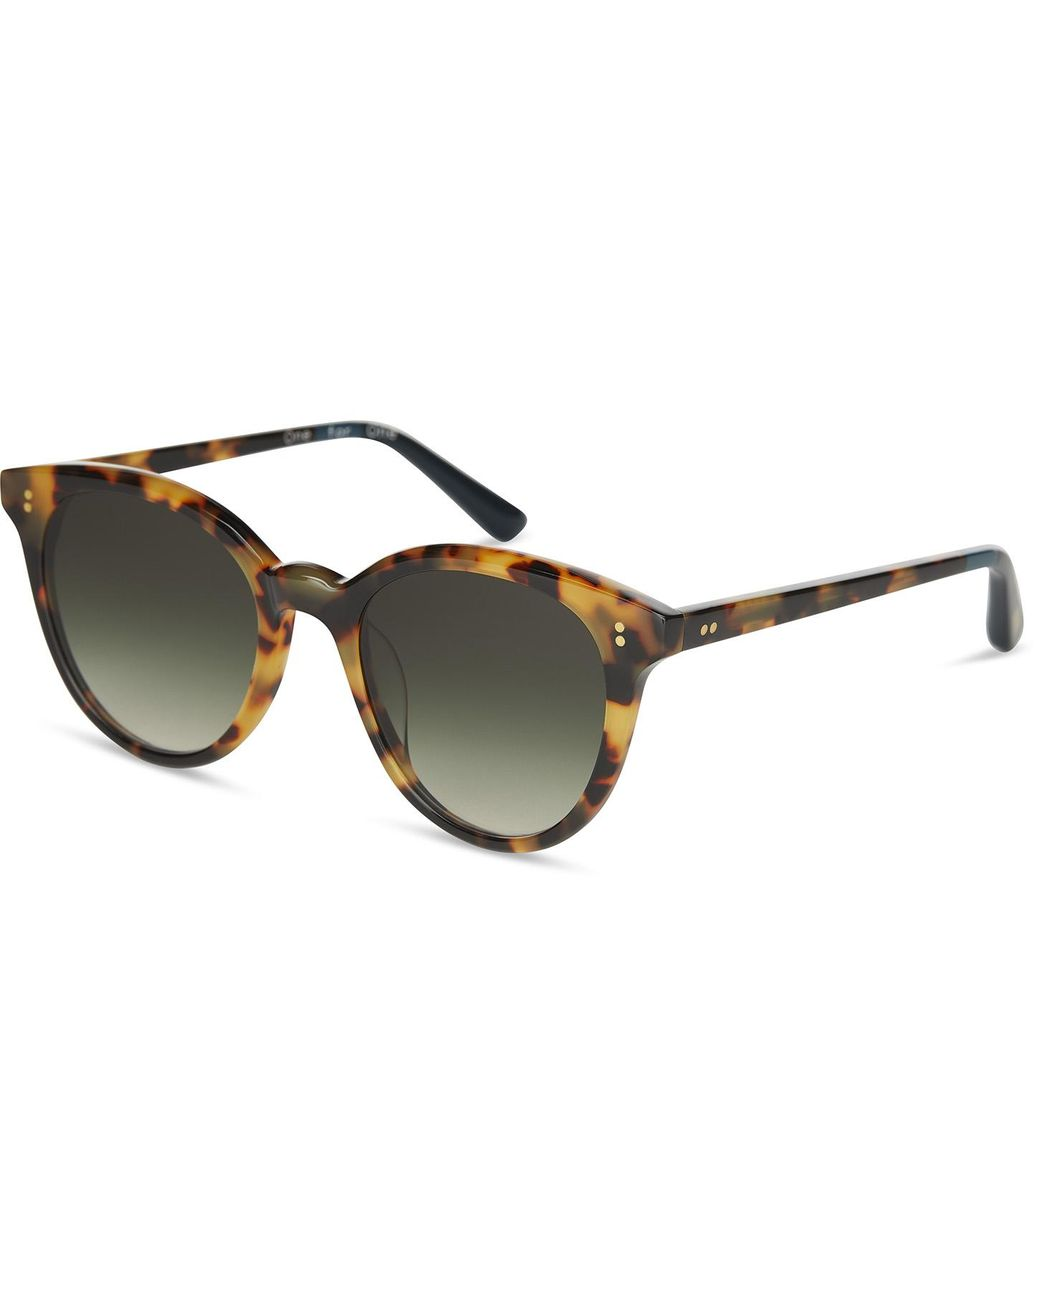 TONS Sunglasses Autry Autry Matte Havana Tortoise Olive Graient 10009600